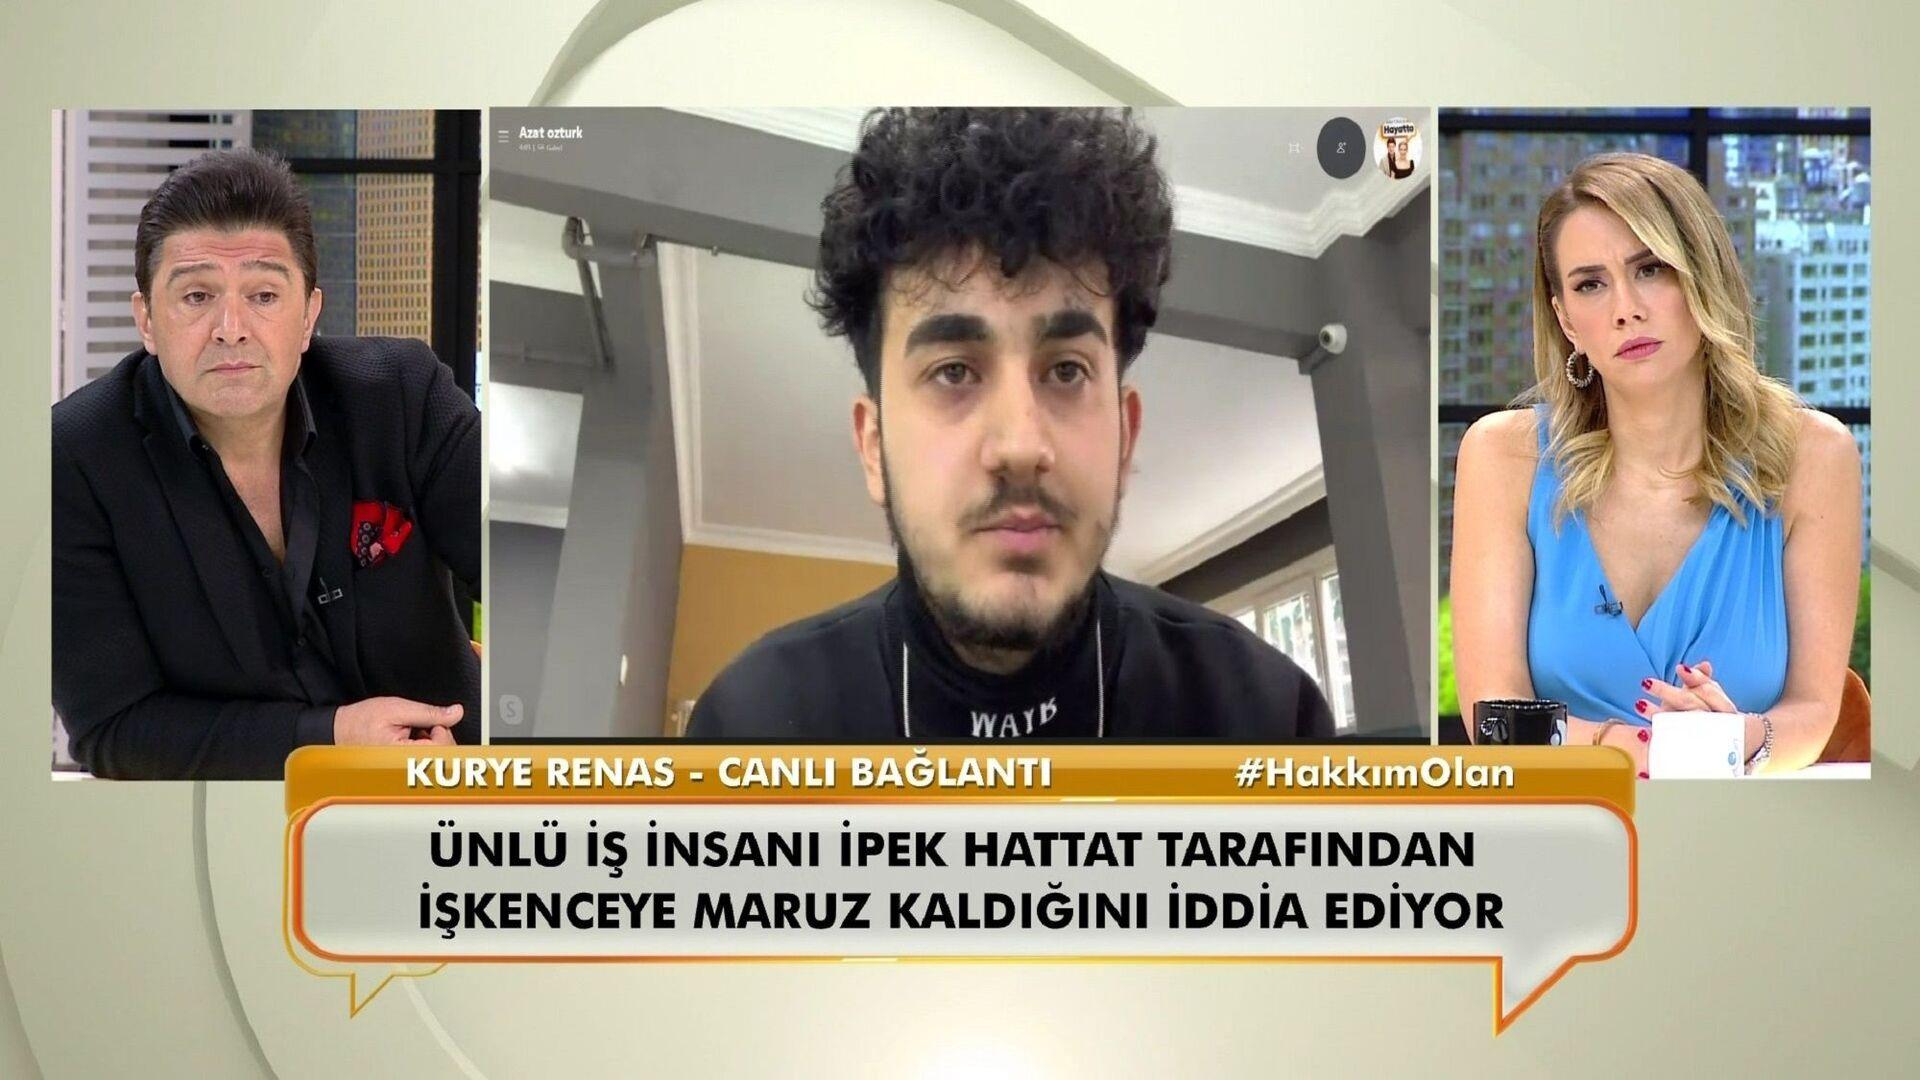 Kuryeye işkence yaptığı iddia edilen iş insanı İpek Hattat hakkında 32 yıl hapis cezası istendi - Sputnik Türkiye, 1920, 16.03.2021